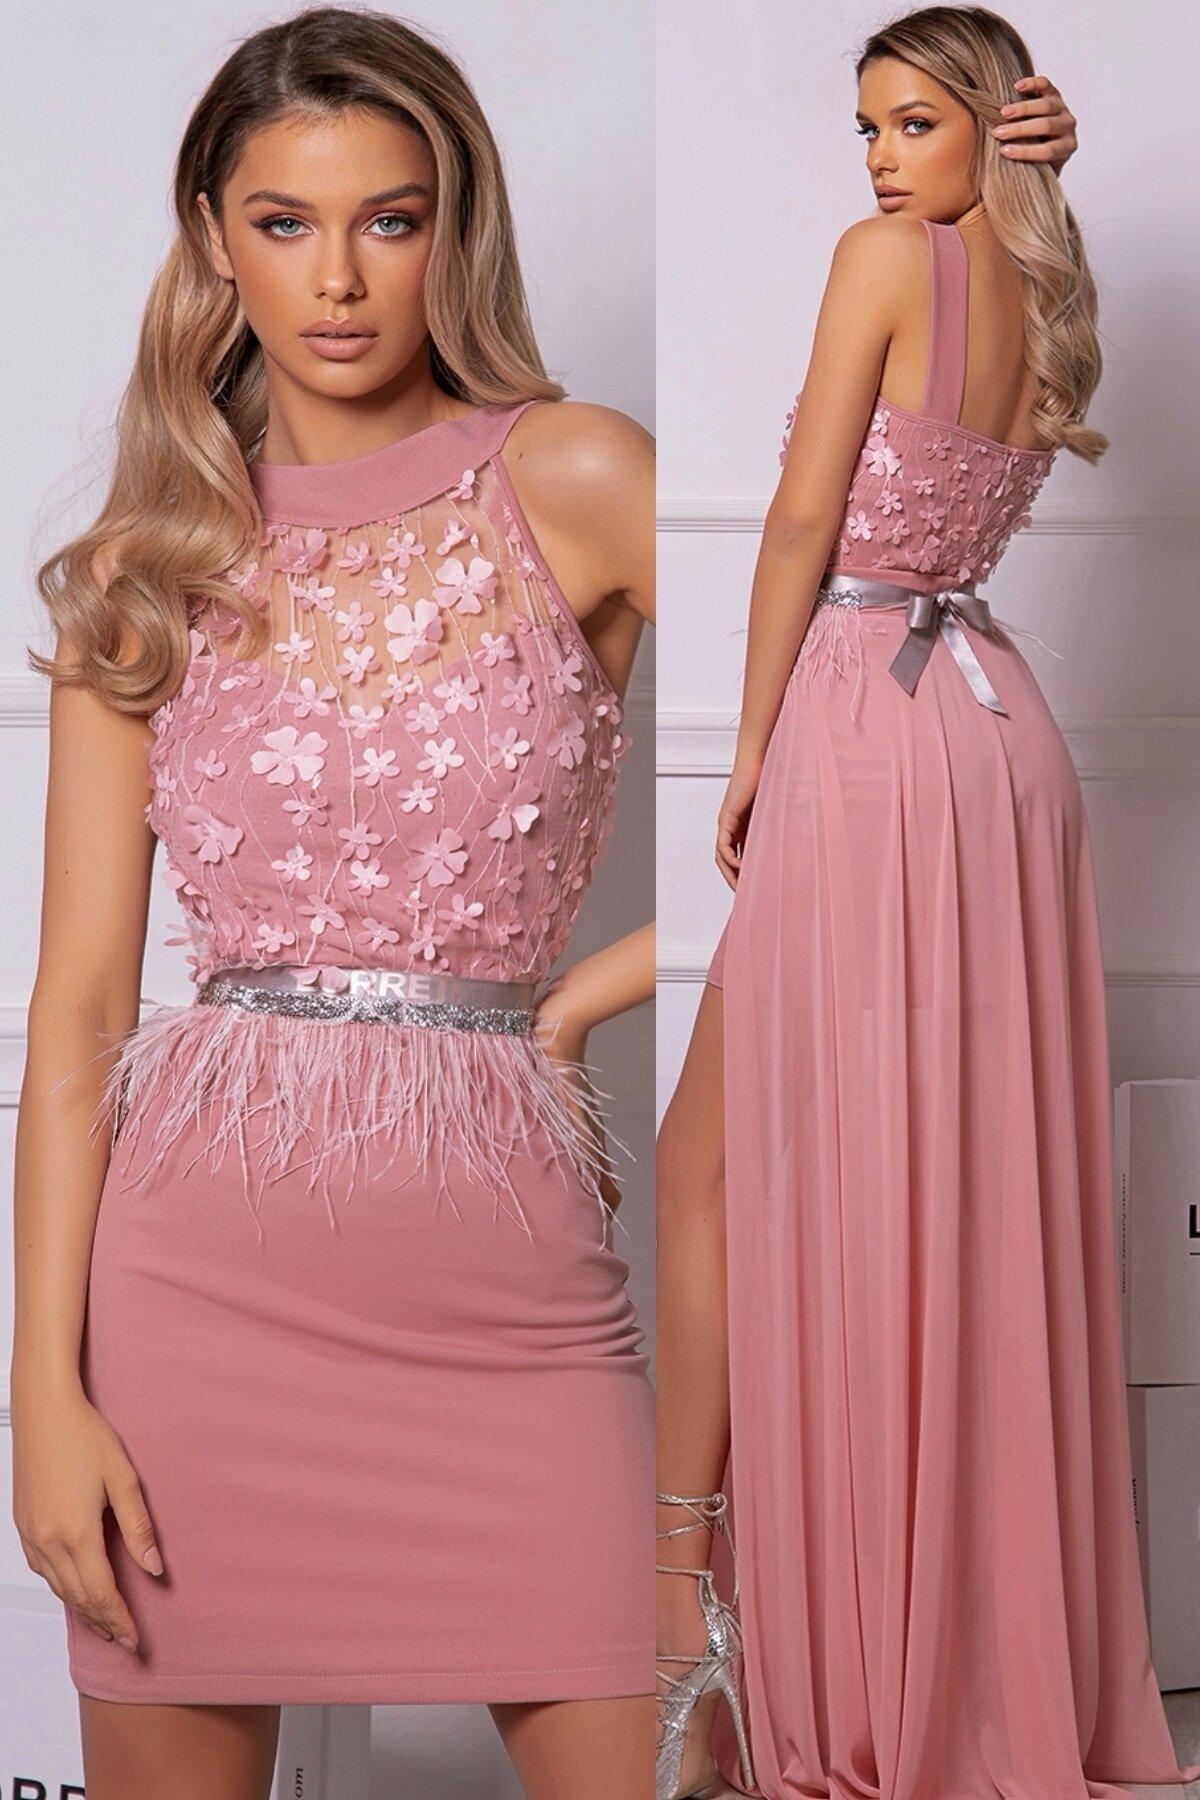 Официална дълга рокля цвят пепел от рози италианска дантела lorreti ивомила